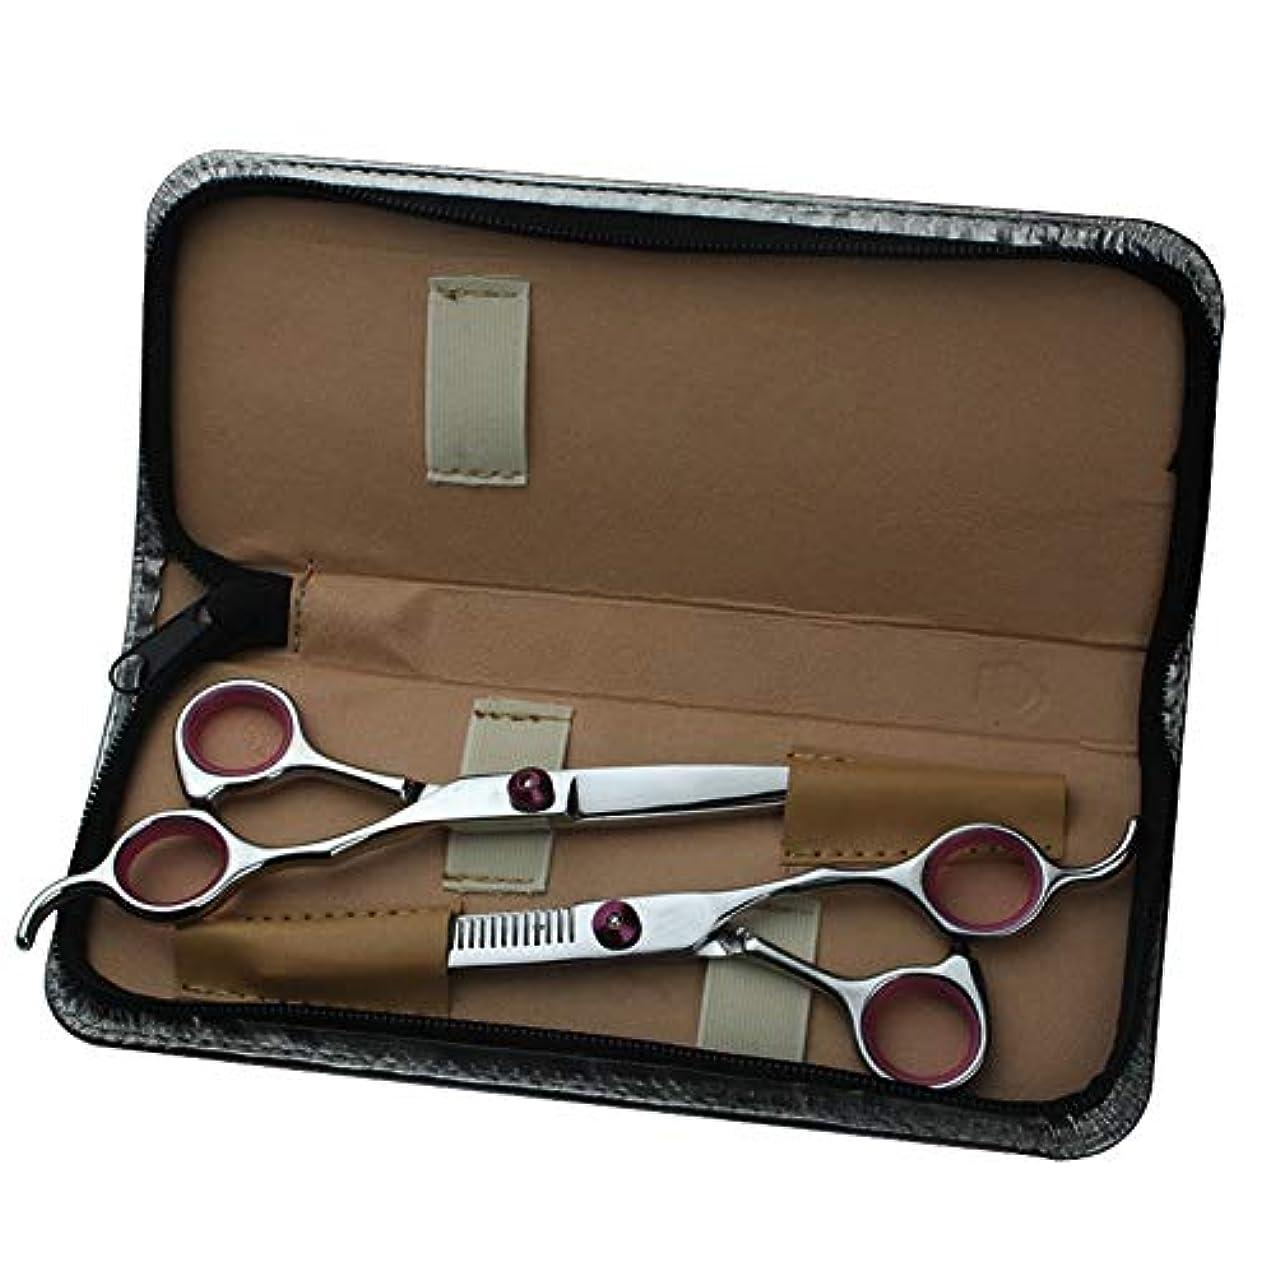 ドット割り当てますシャープ6インチ家族DIY理髪はさみセット、プロのヘアカット美容ツールセット ヘアケア (色 : レッド)